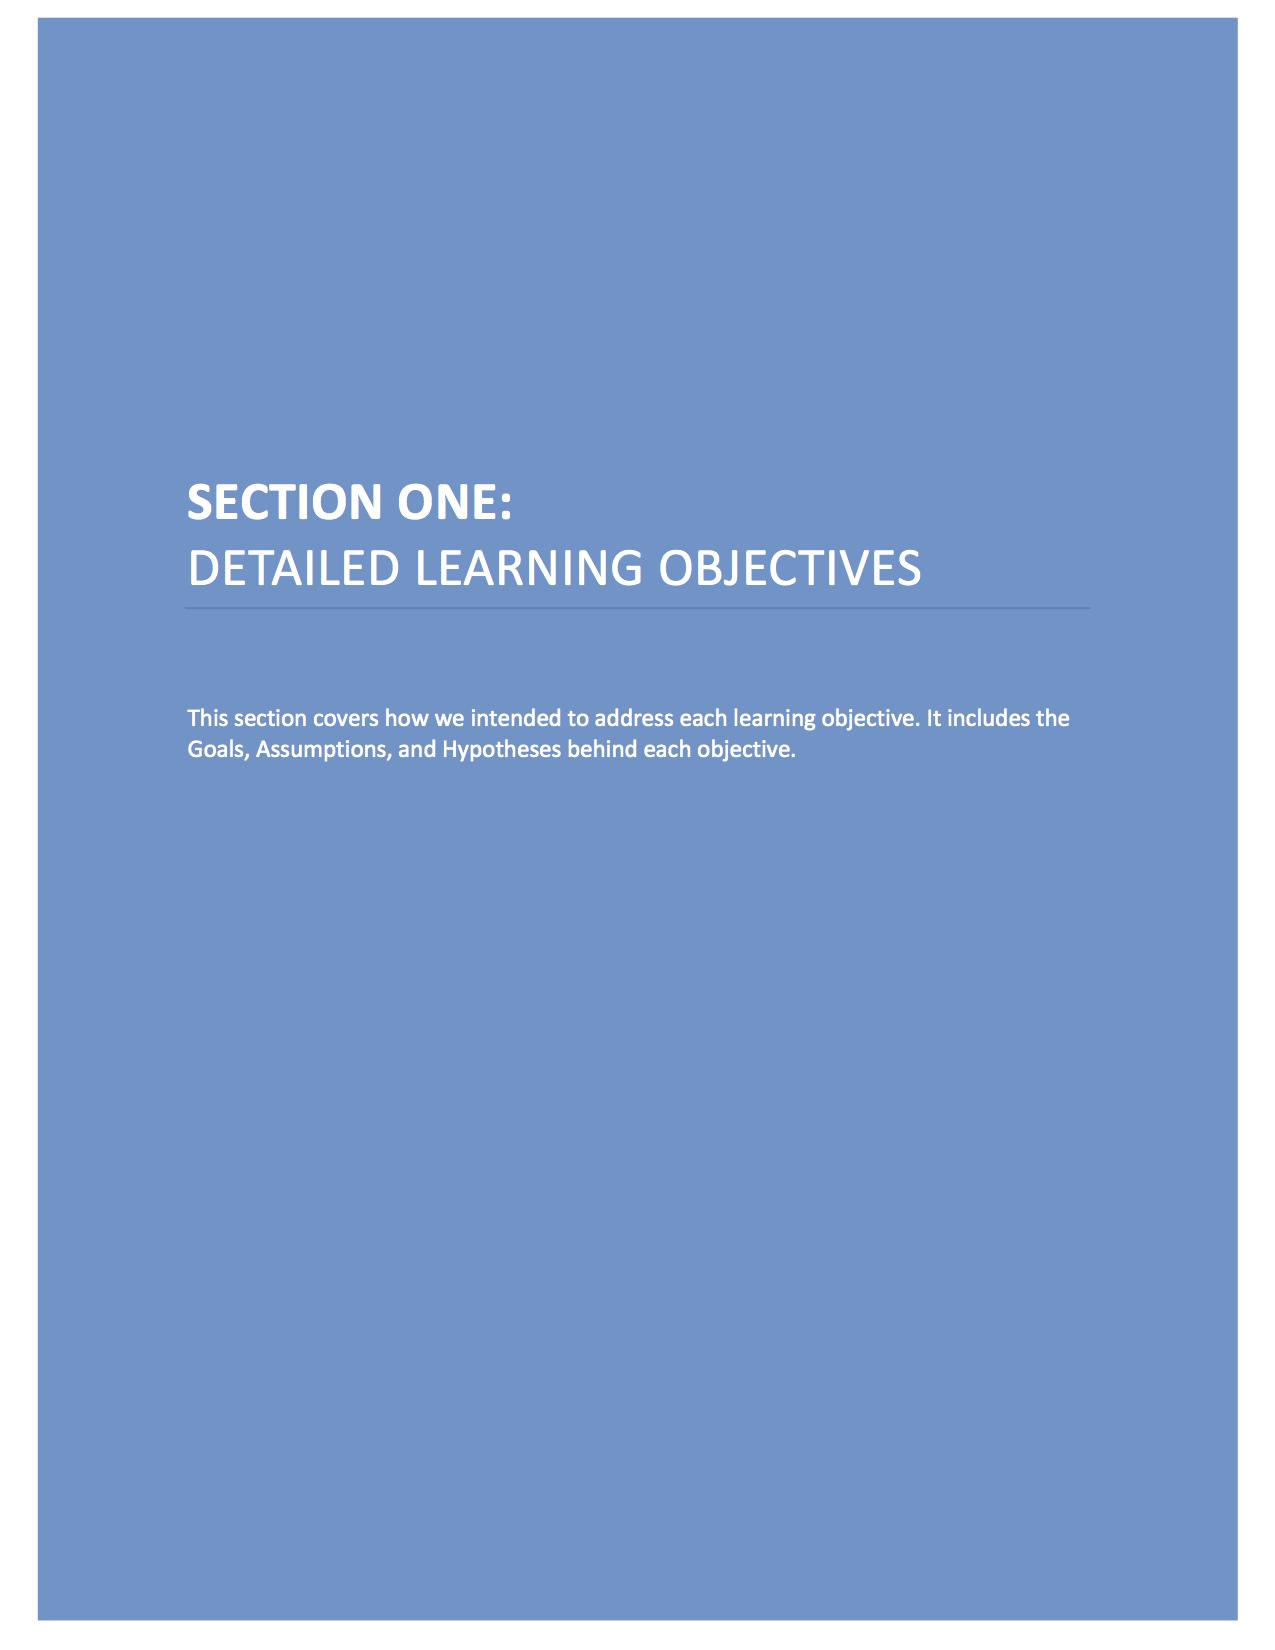 Beta Learning Plan (redacted)5.png